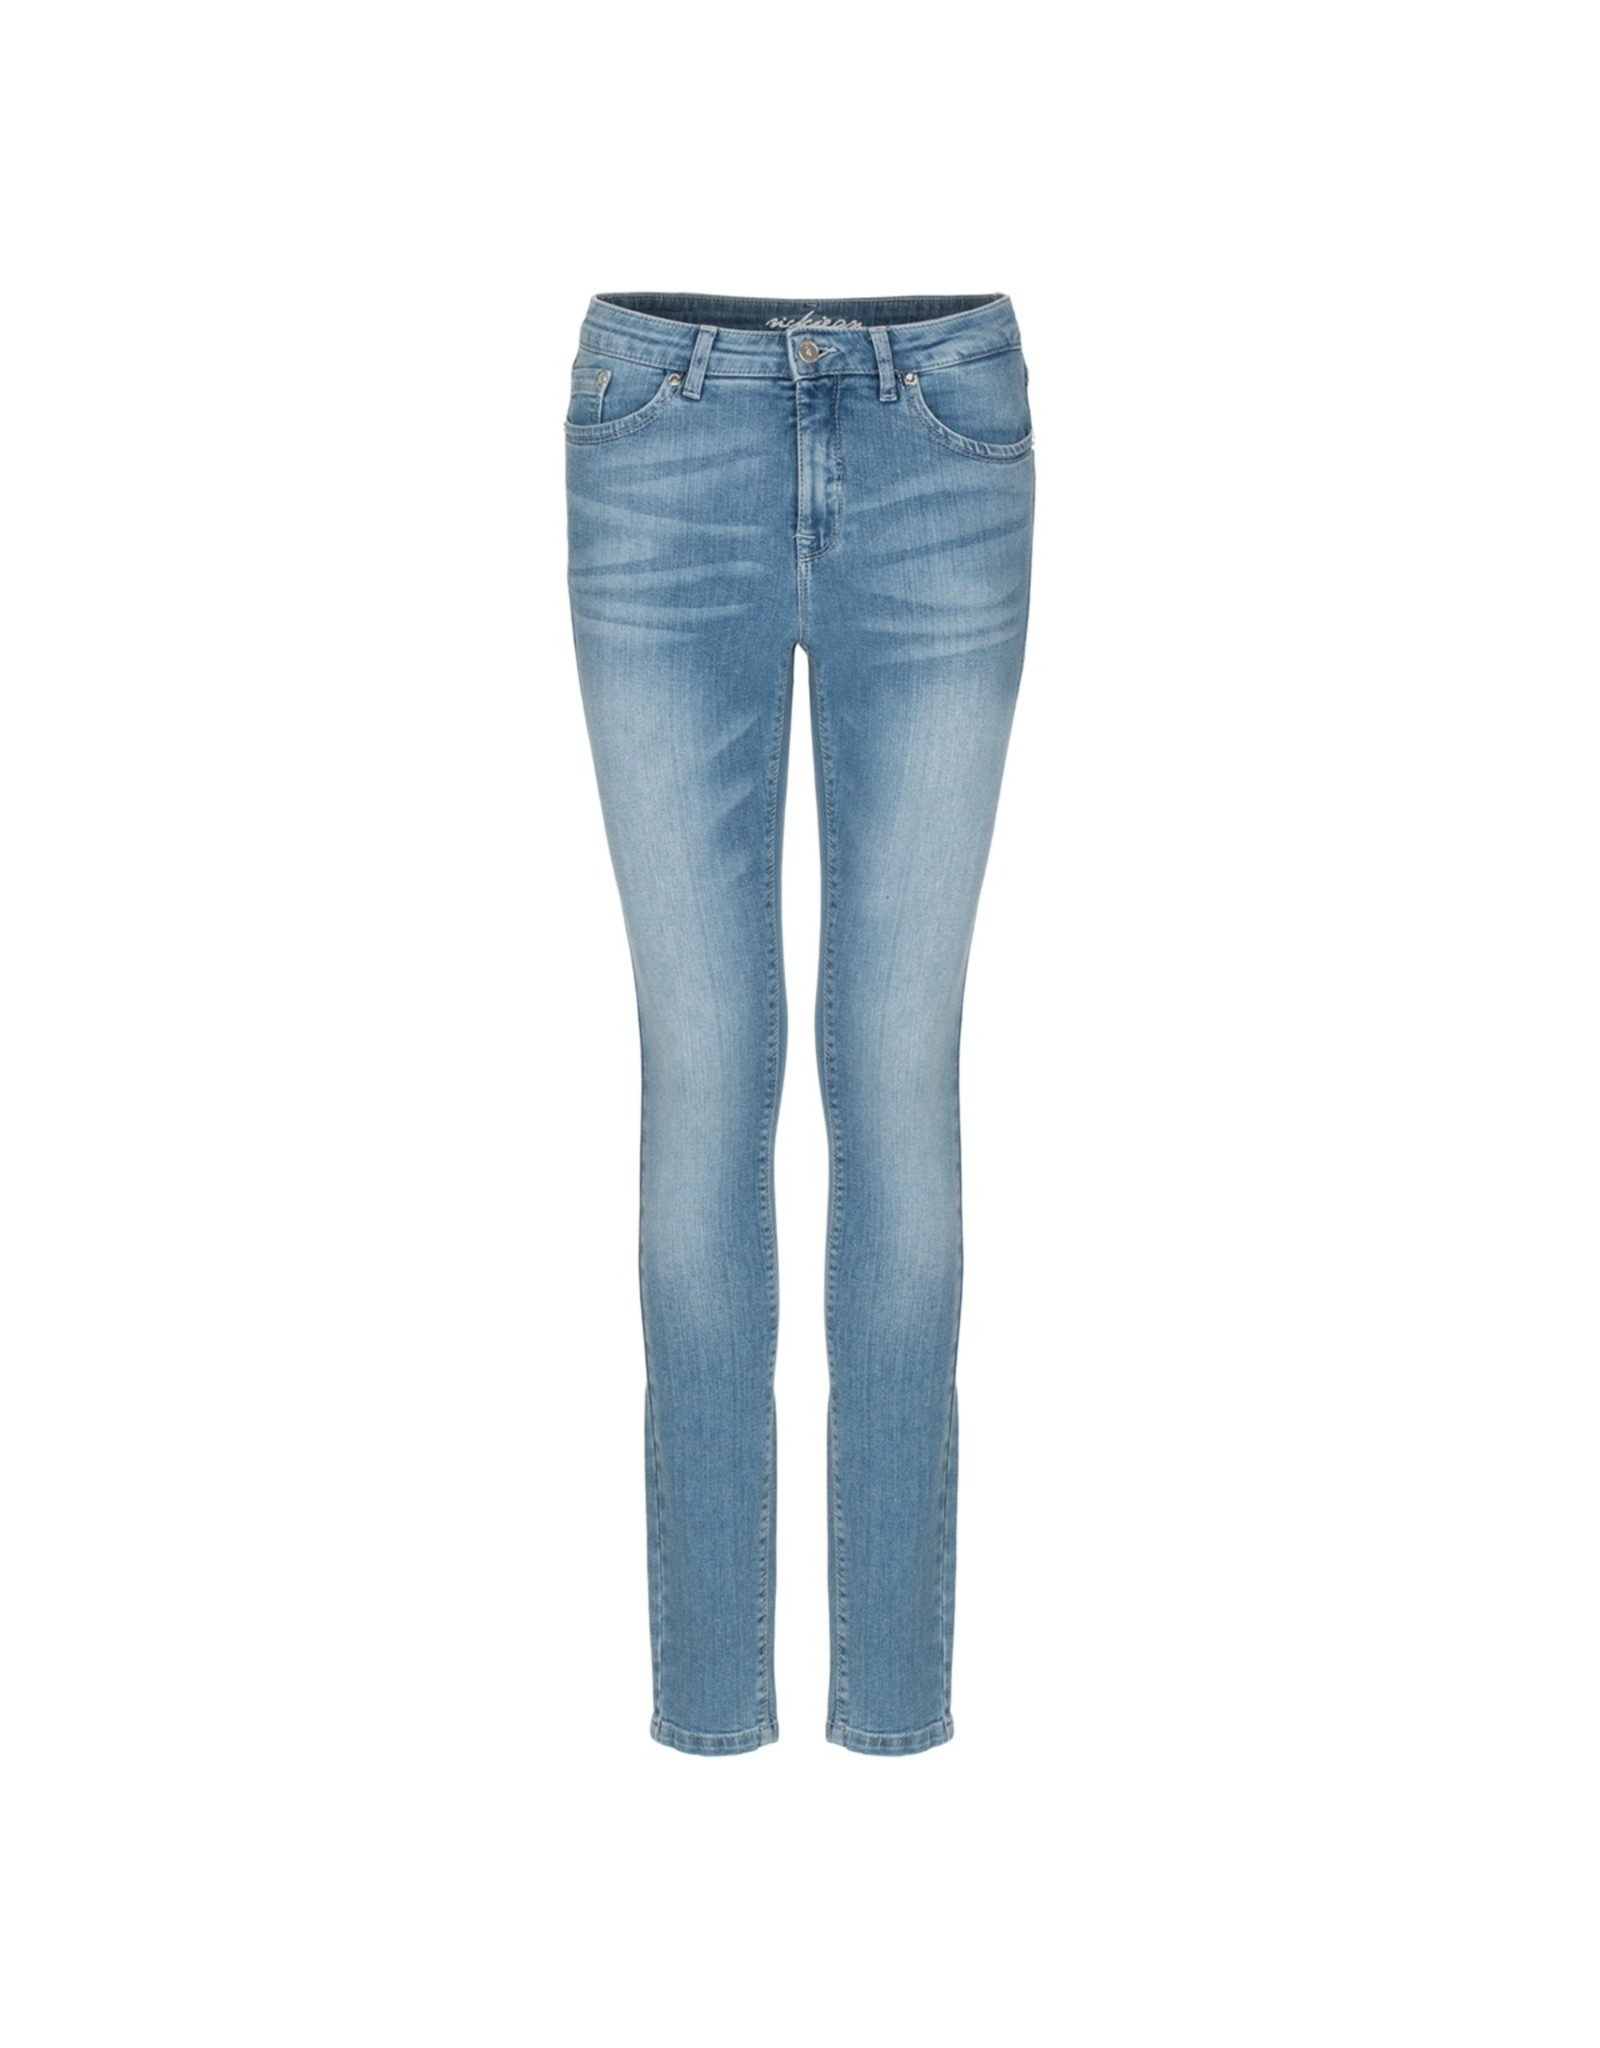 Nickjean Broek Kathy jeans